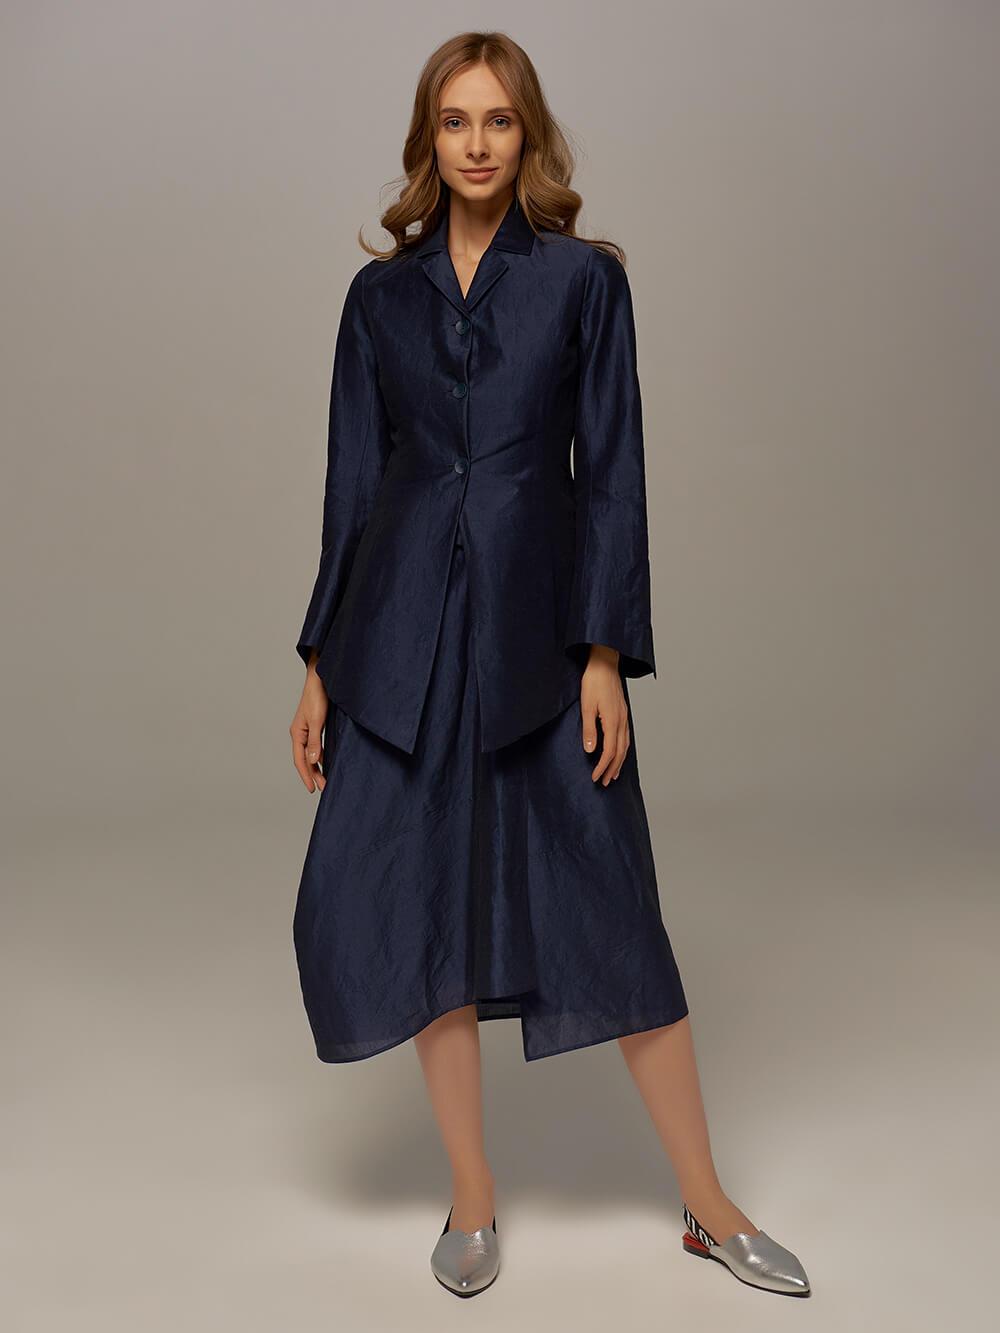 Женская синяя юбка Olmar GentryPortofino - фото 1